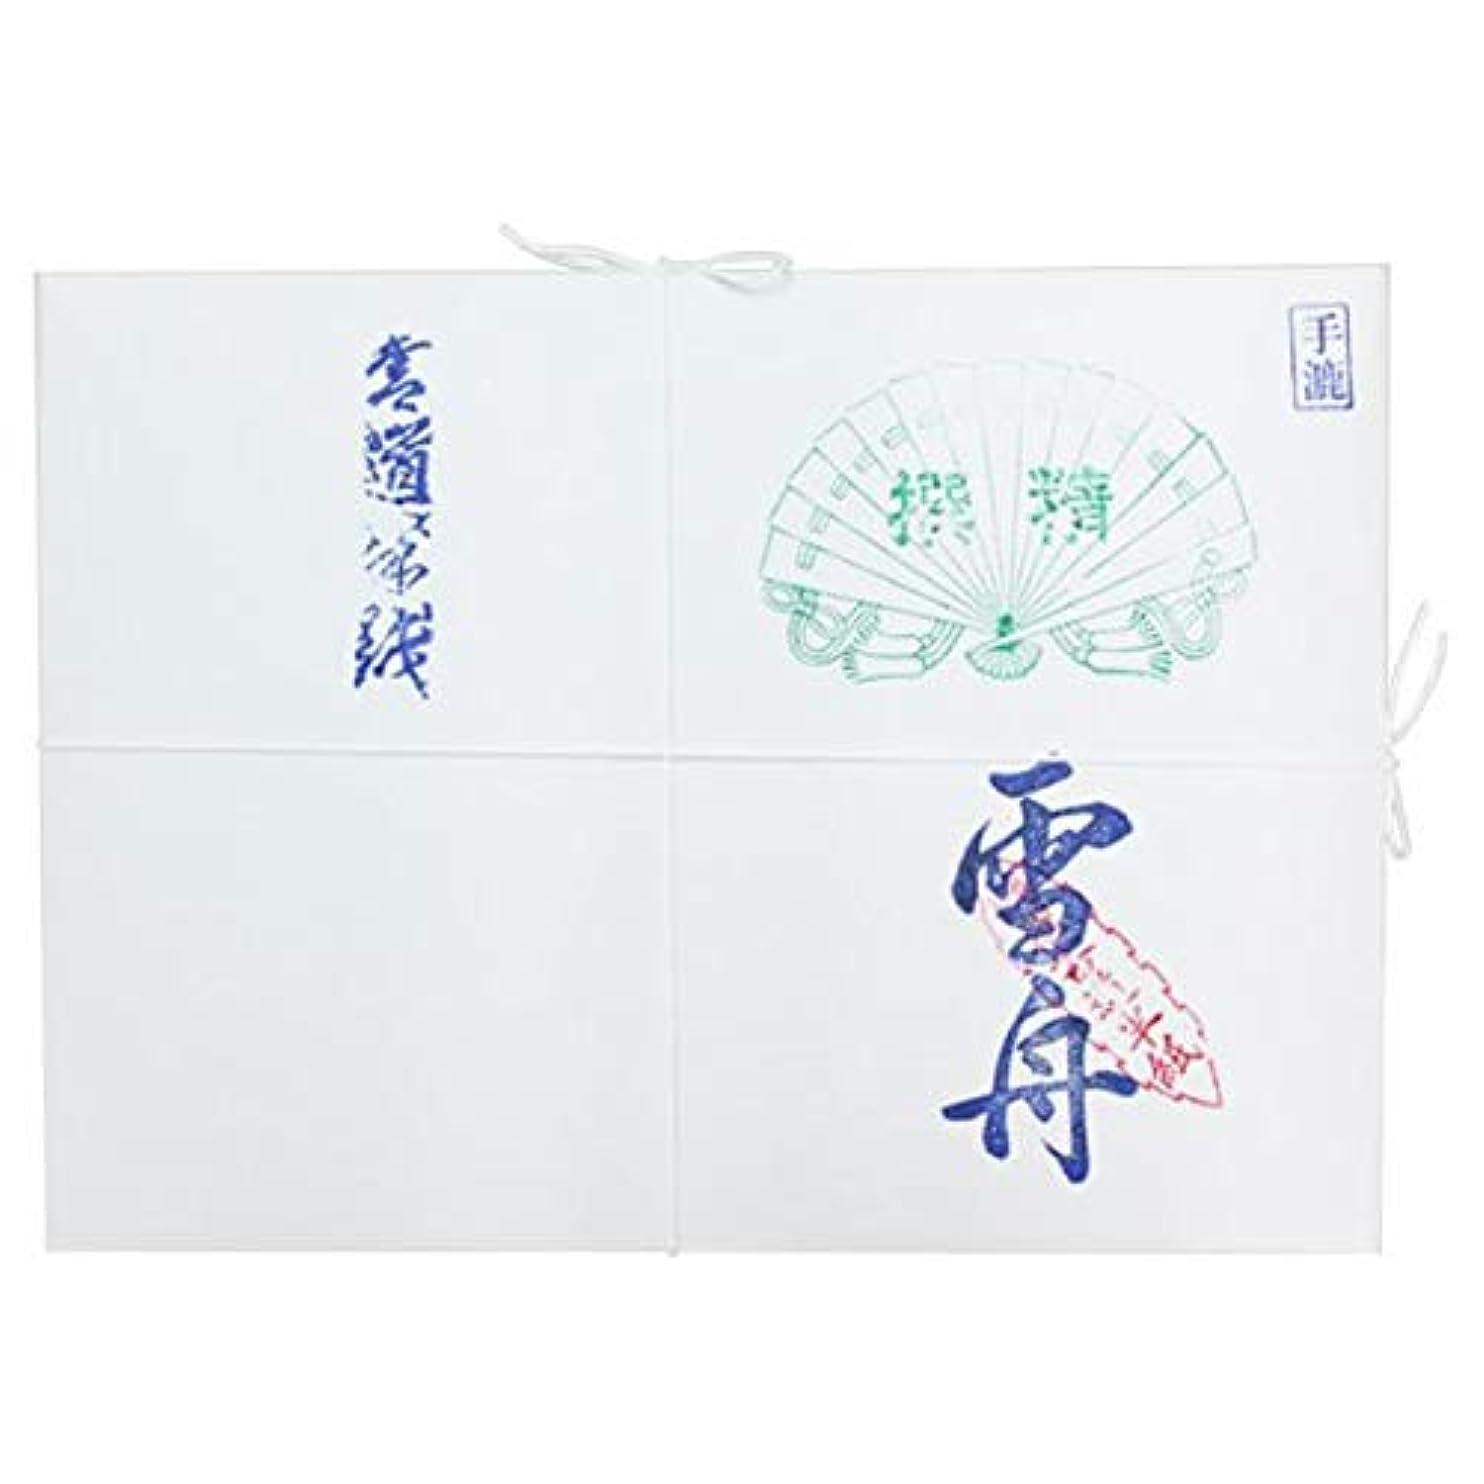 立証する幸運軽蔑する漢字用半紙 1000枚 雪舟?AA131